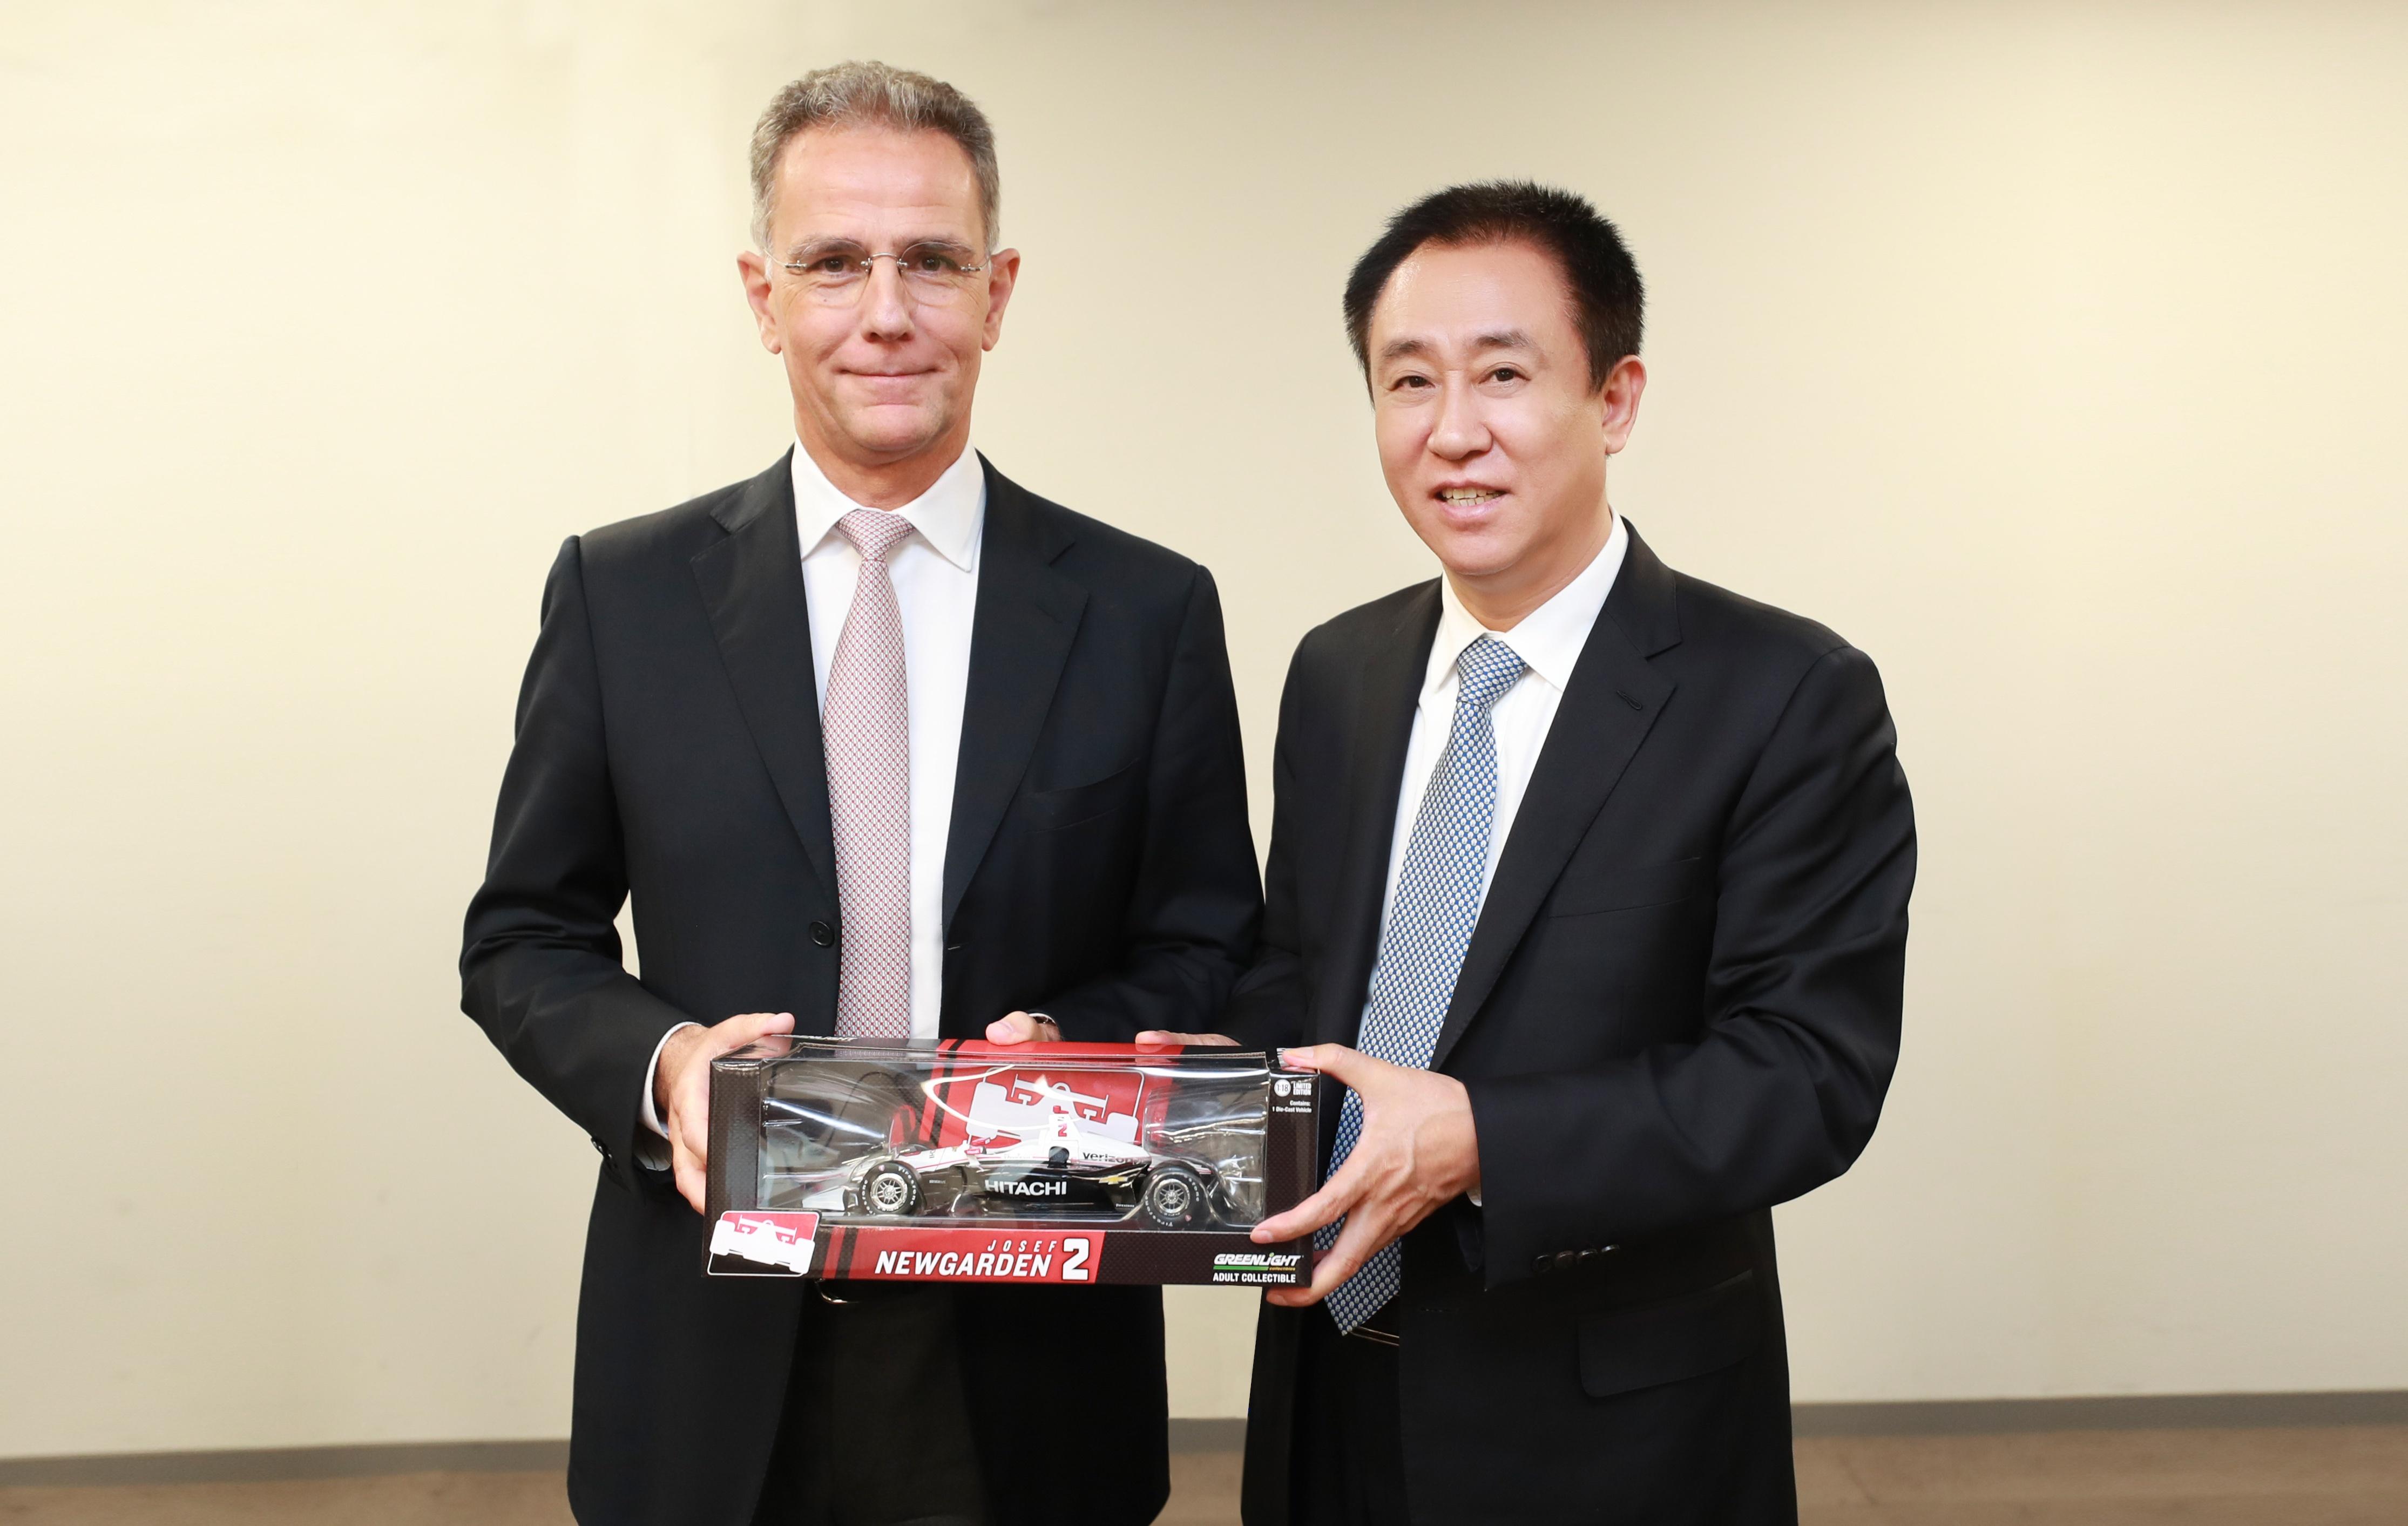 日立汽车系统CEO Brice Koch向许家印赠送礼物